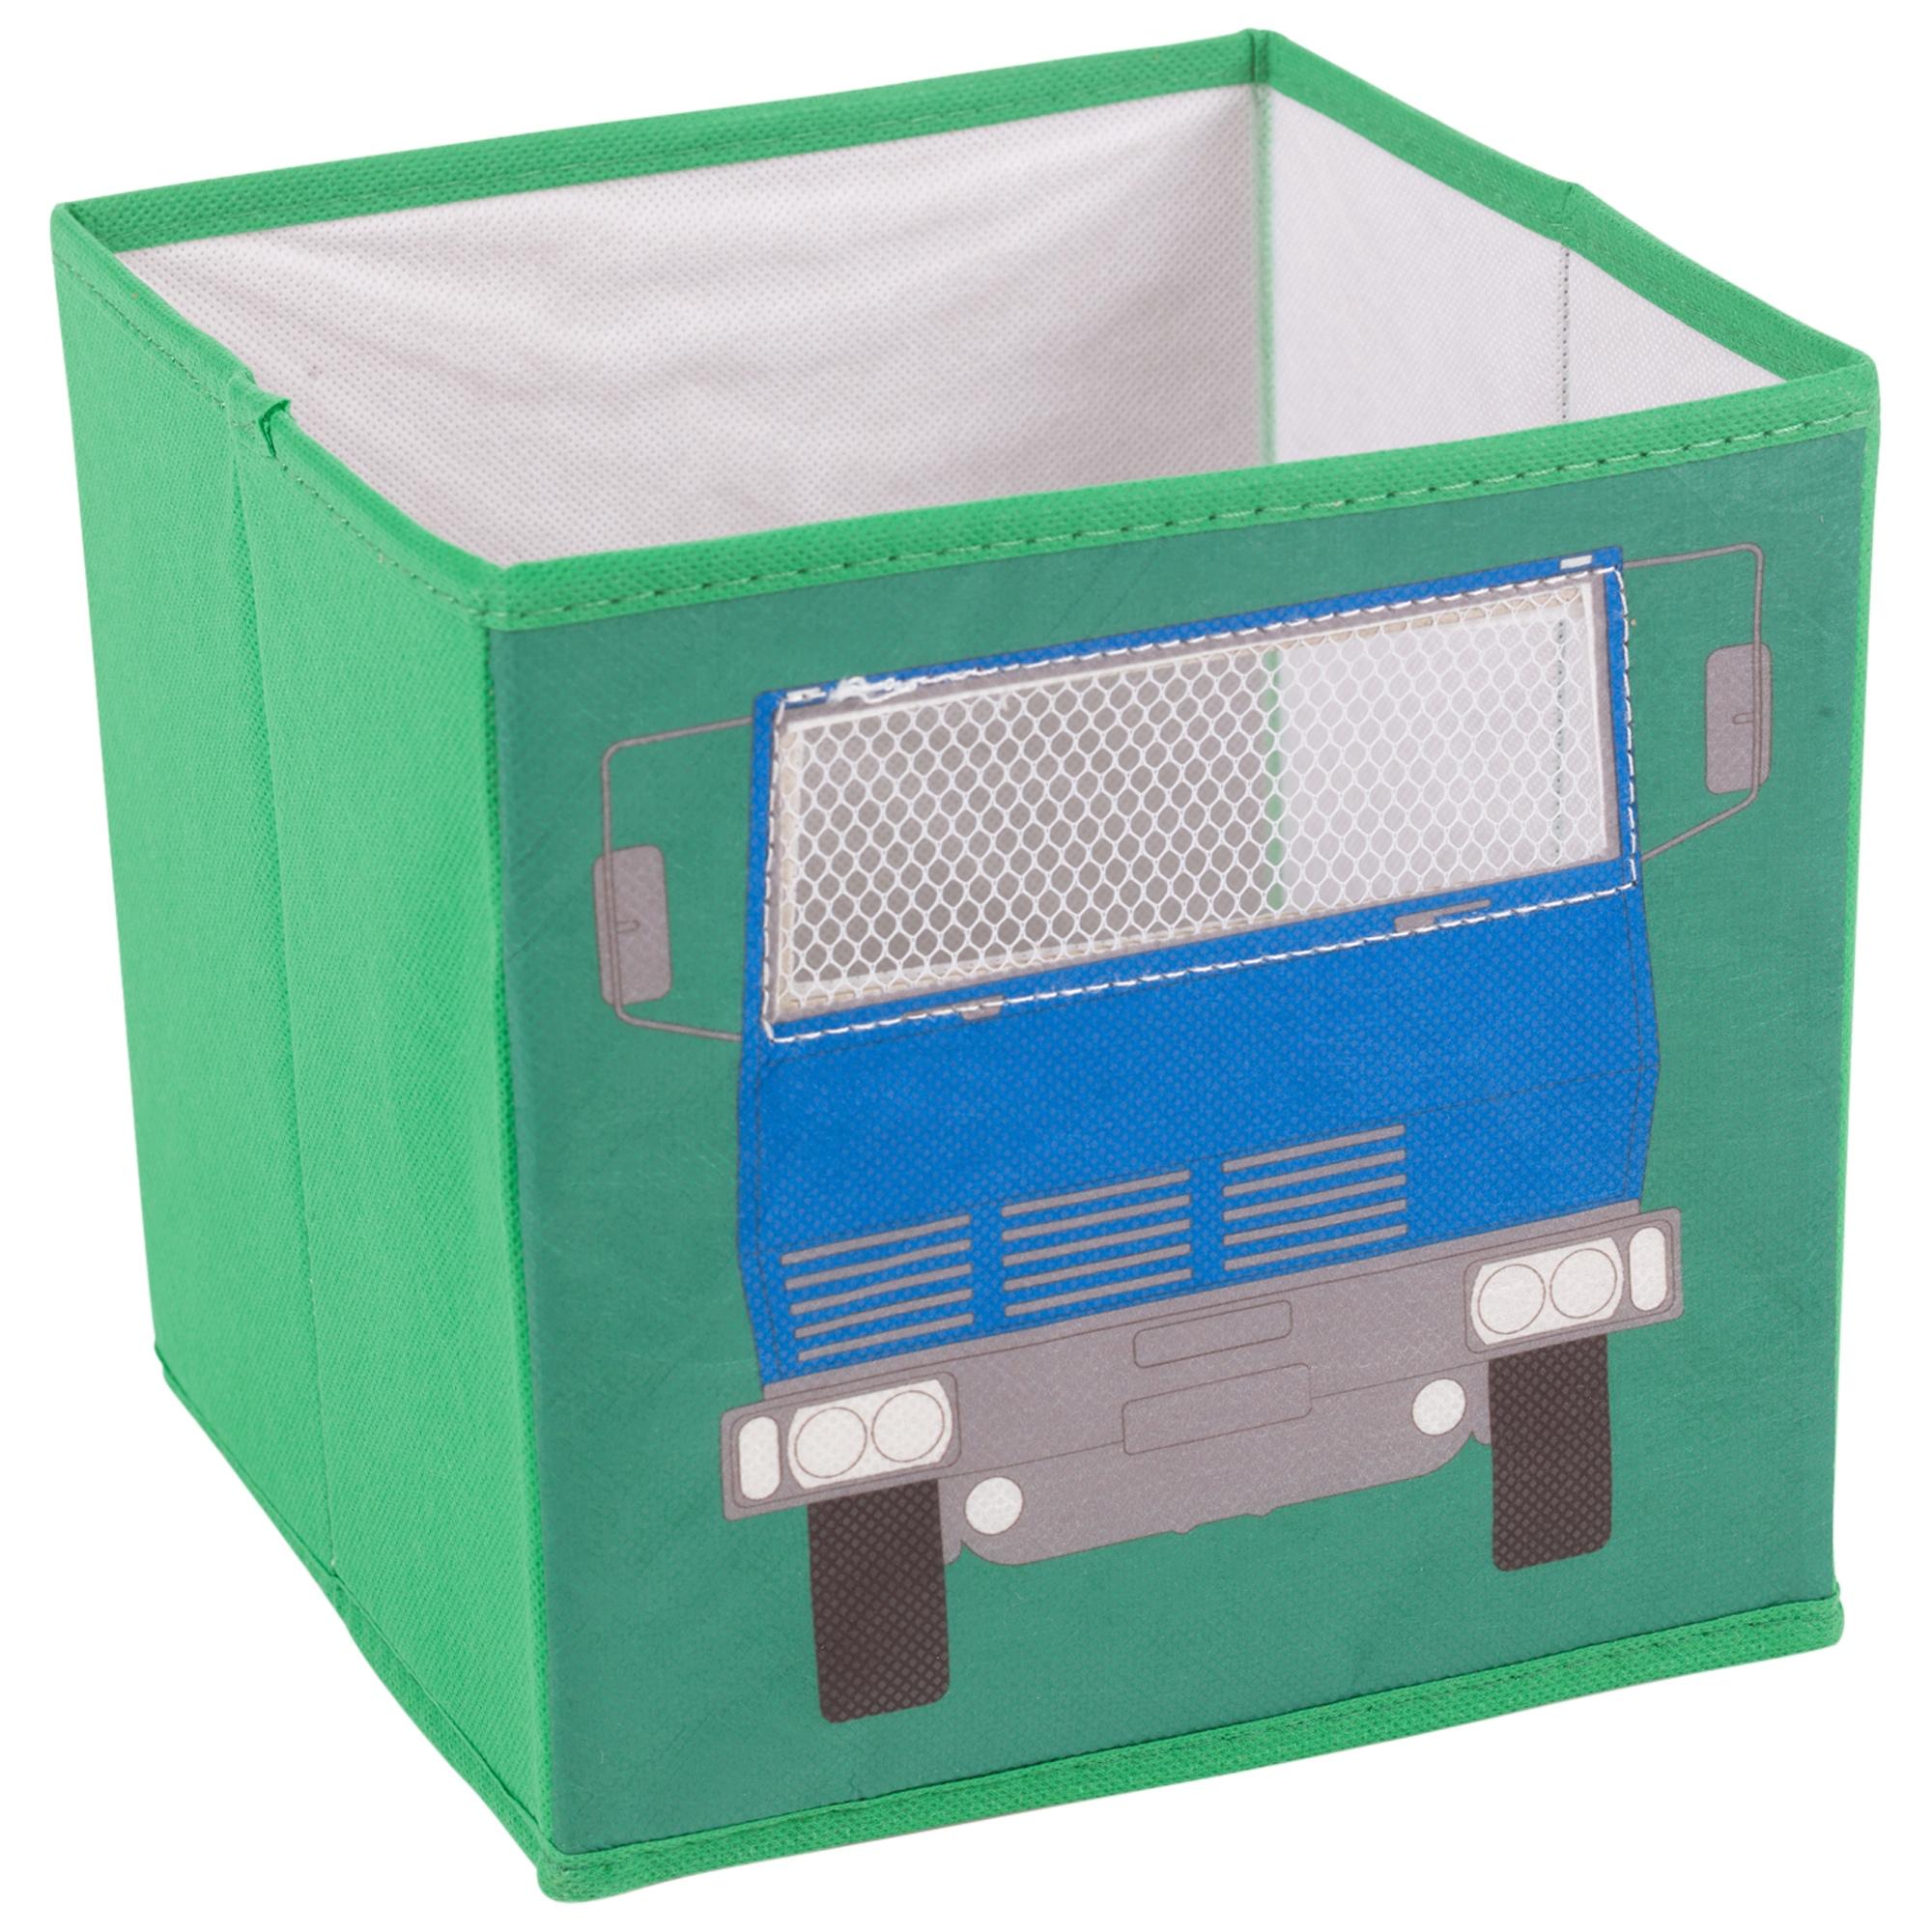 4x enfants jolie conception jouet boite de rangement non tiss tissu pliable ebay. Black Bedroom Furniture Sets. Home Design Ideas